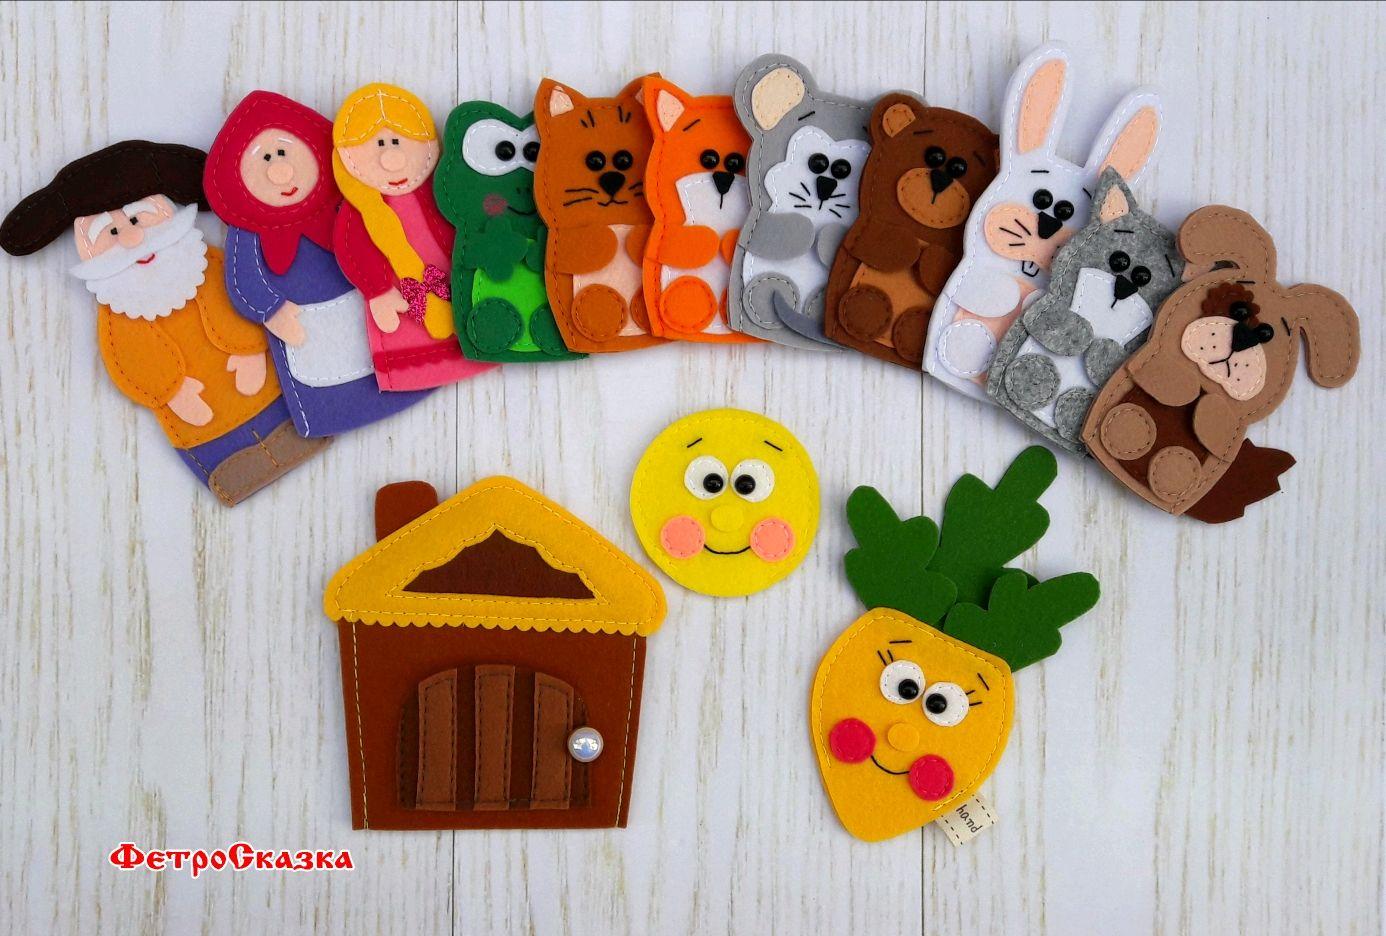 Кукольный театр из фетра,пальчиковые игрушки - герои из 3х сказок, Кукольный театр, Морозовск,  Фото №1